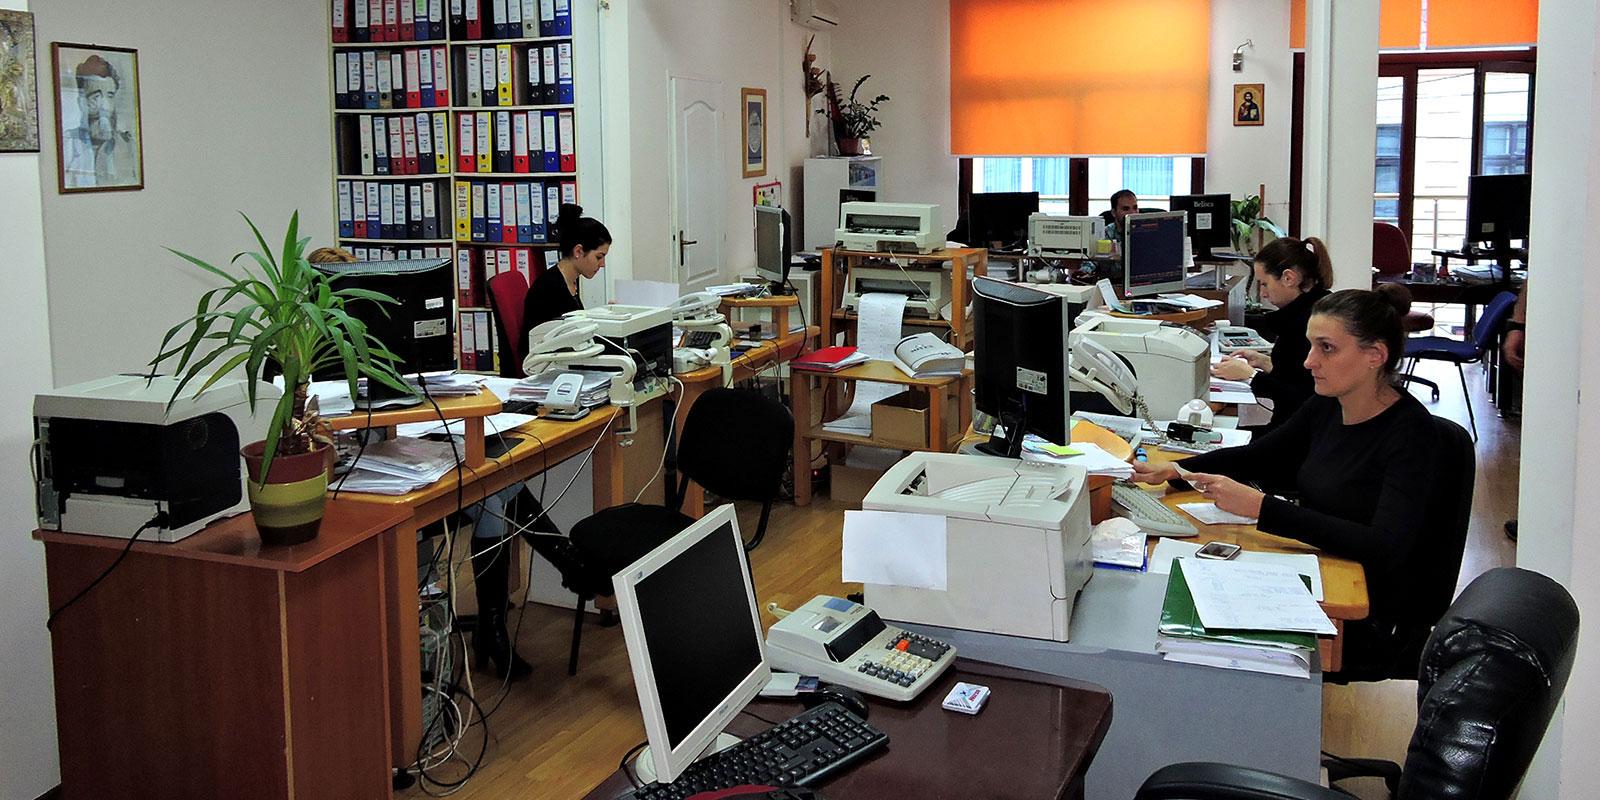 Poreska administracija - Knjigovodstvo i računovodstvo - Knjigovodstvena agencija MEGA SIP OFFICE Beograd